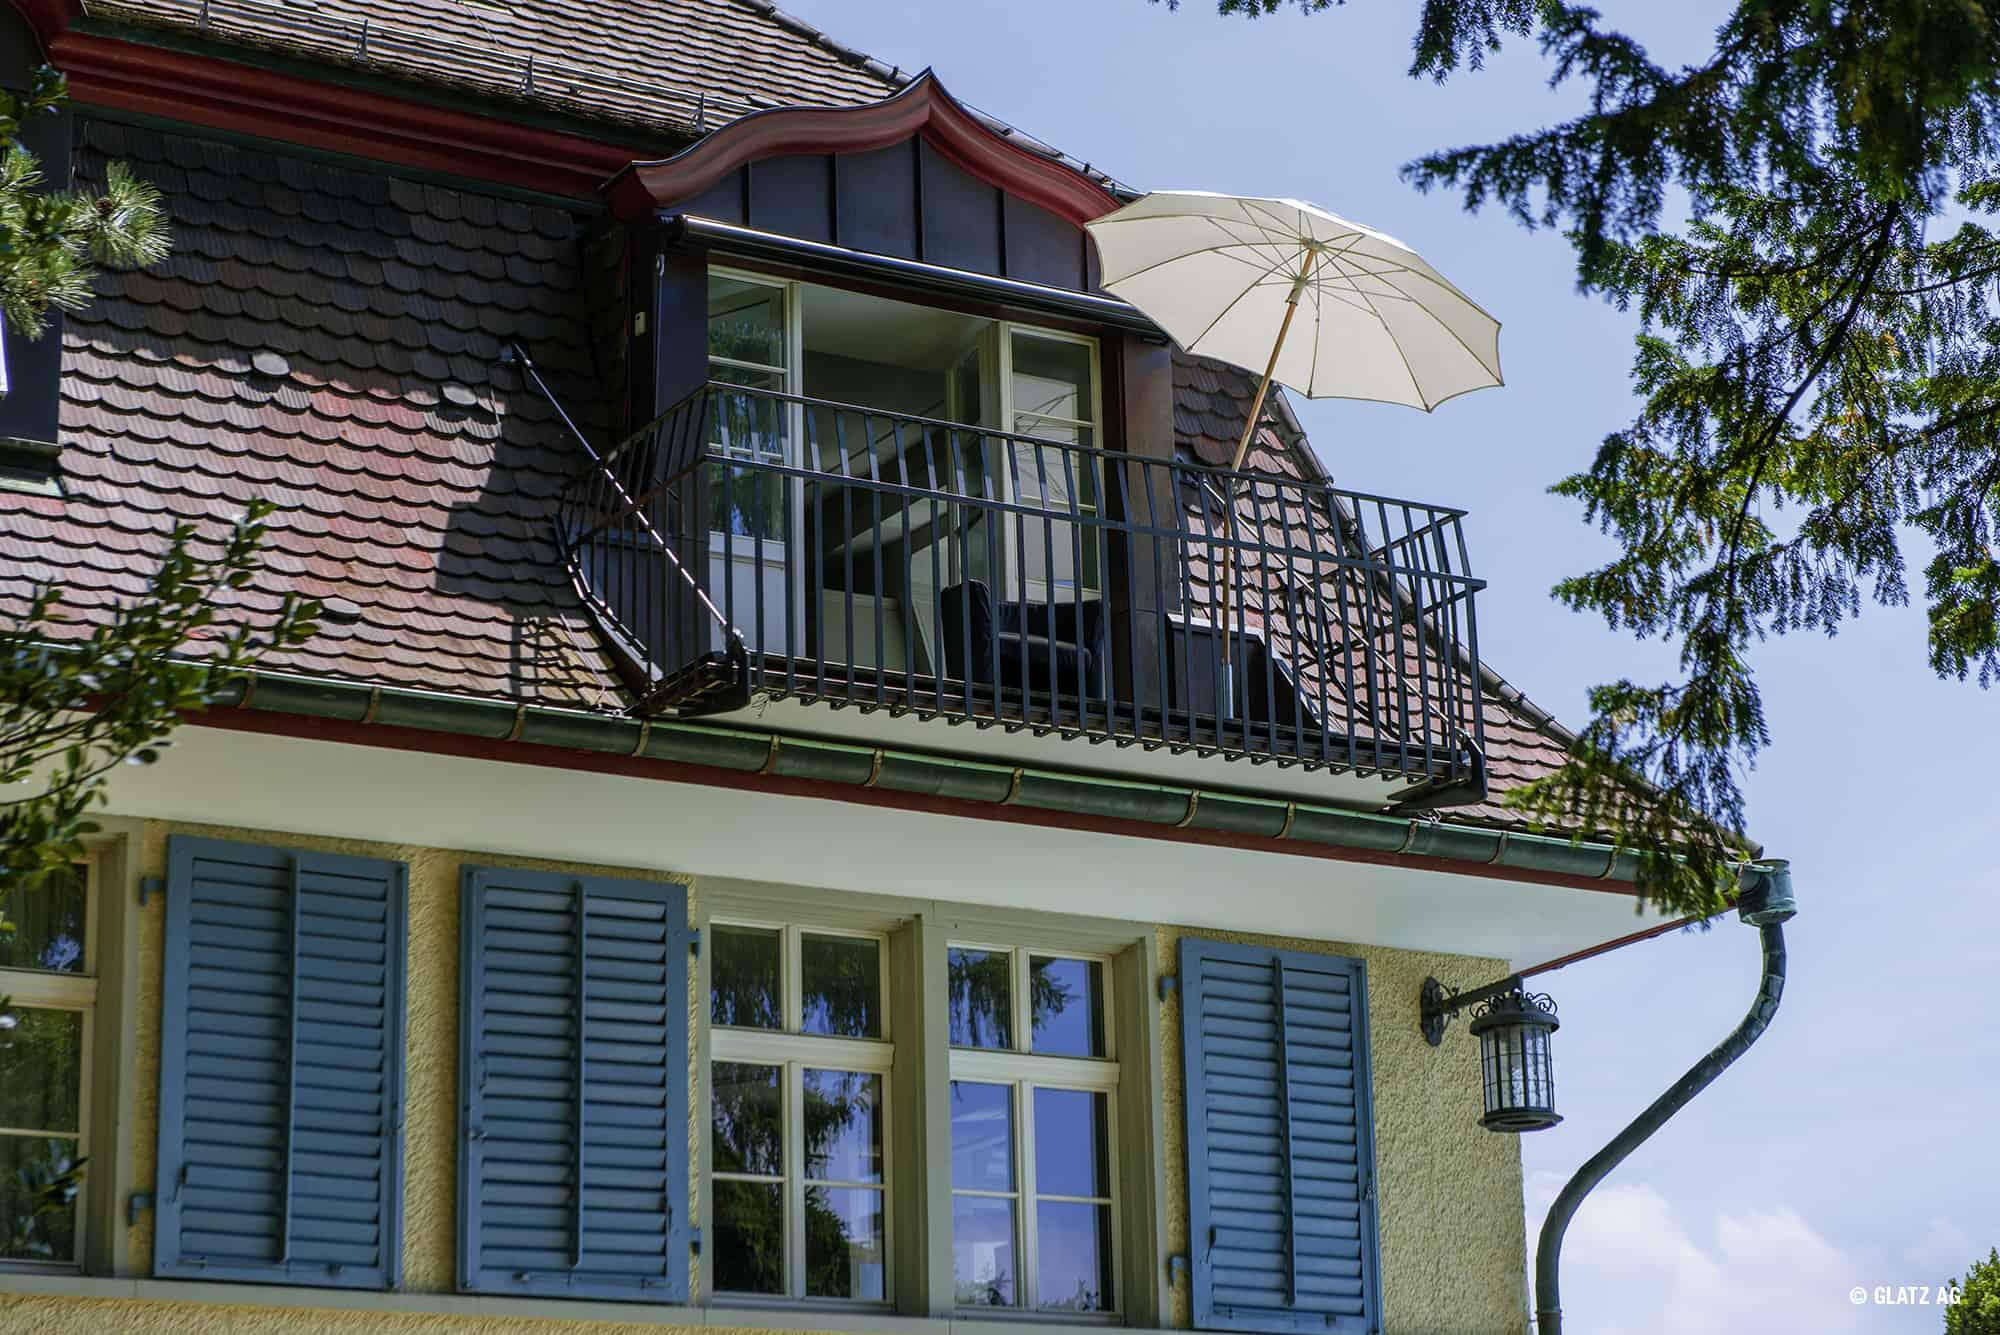 Runder Sonnenschirm auf Balkon